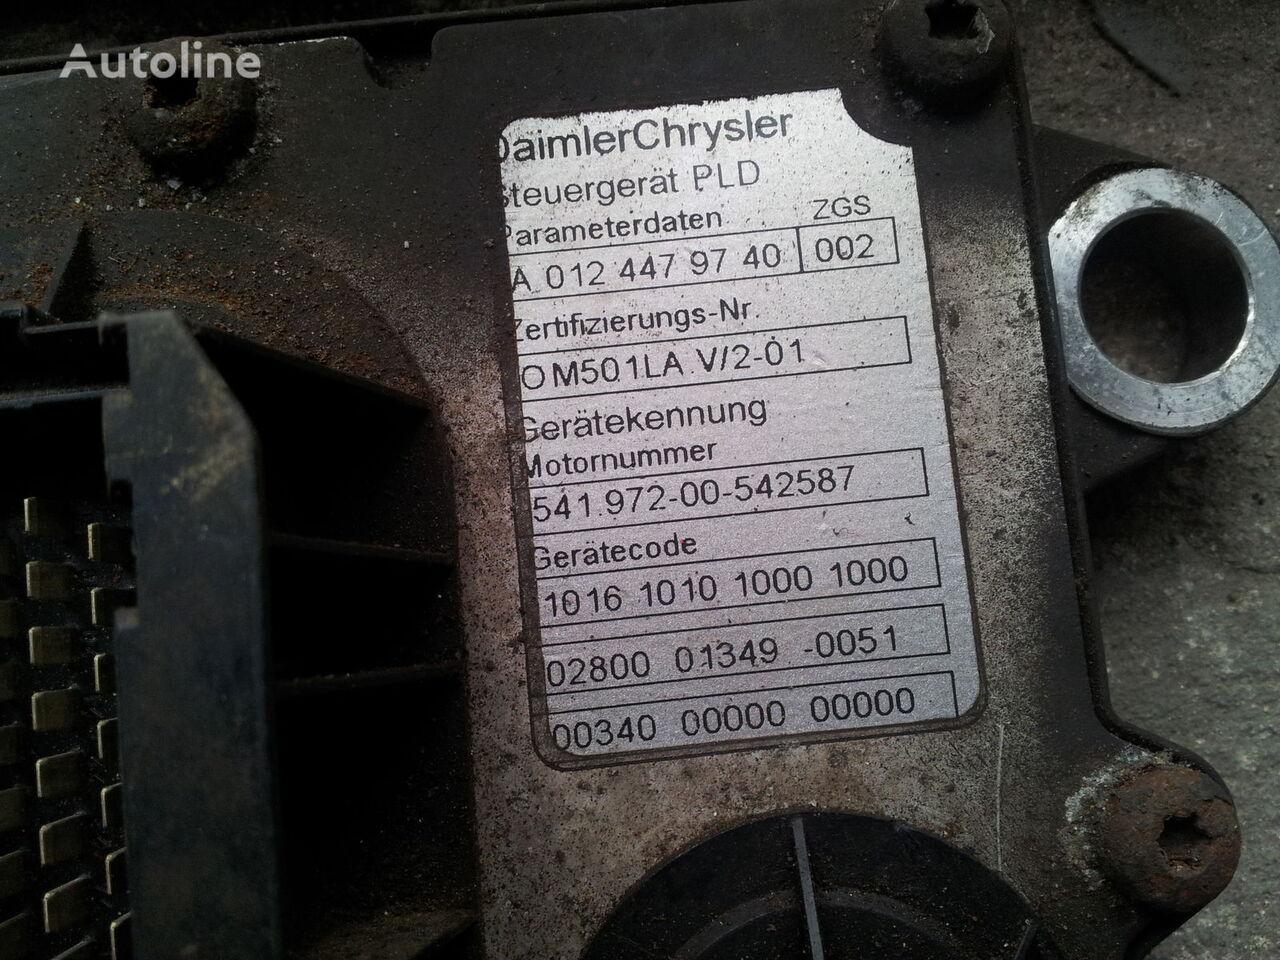 блок управления MERCEDES-BENZ actros, atego, engine computer MR unit, PLD, MR control unit, EU для тягача MERCEDES-BENZ Actros